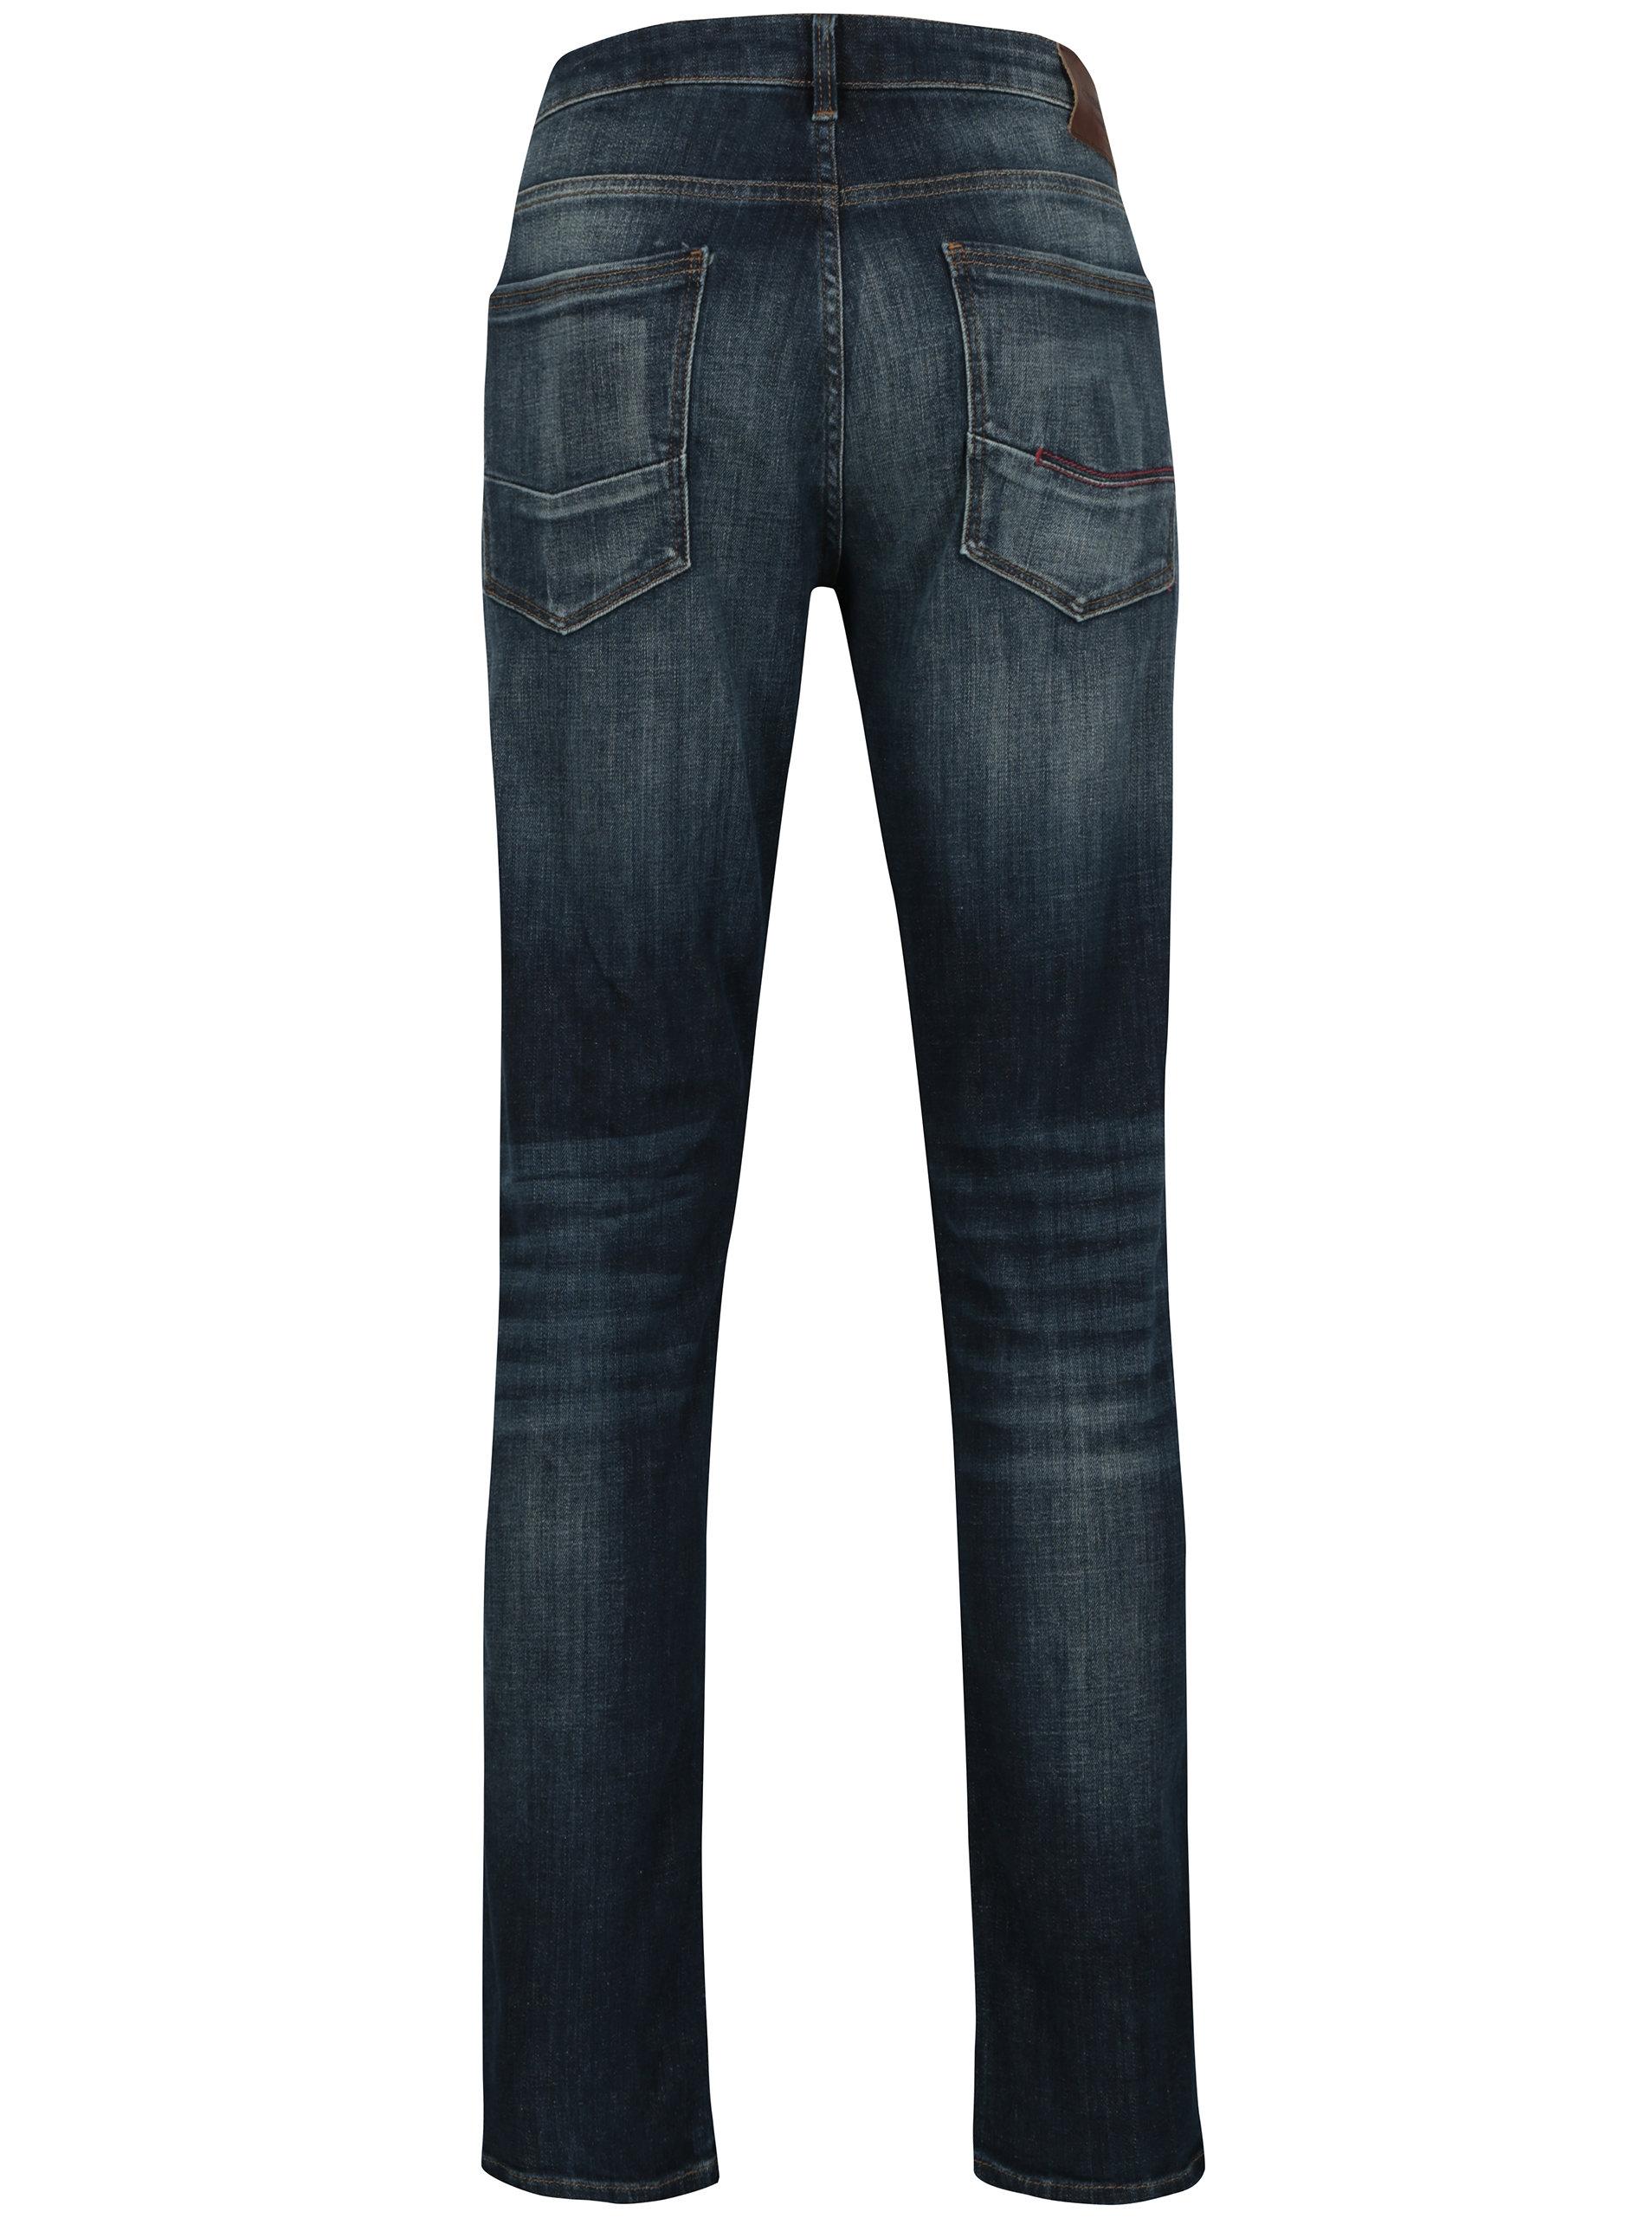 Tmavě modré pánské slim fit džíny Cross Jeans ... 667e0738d7